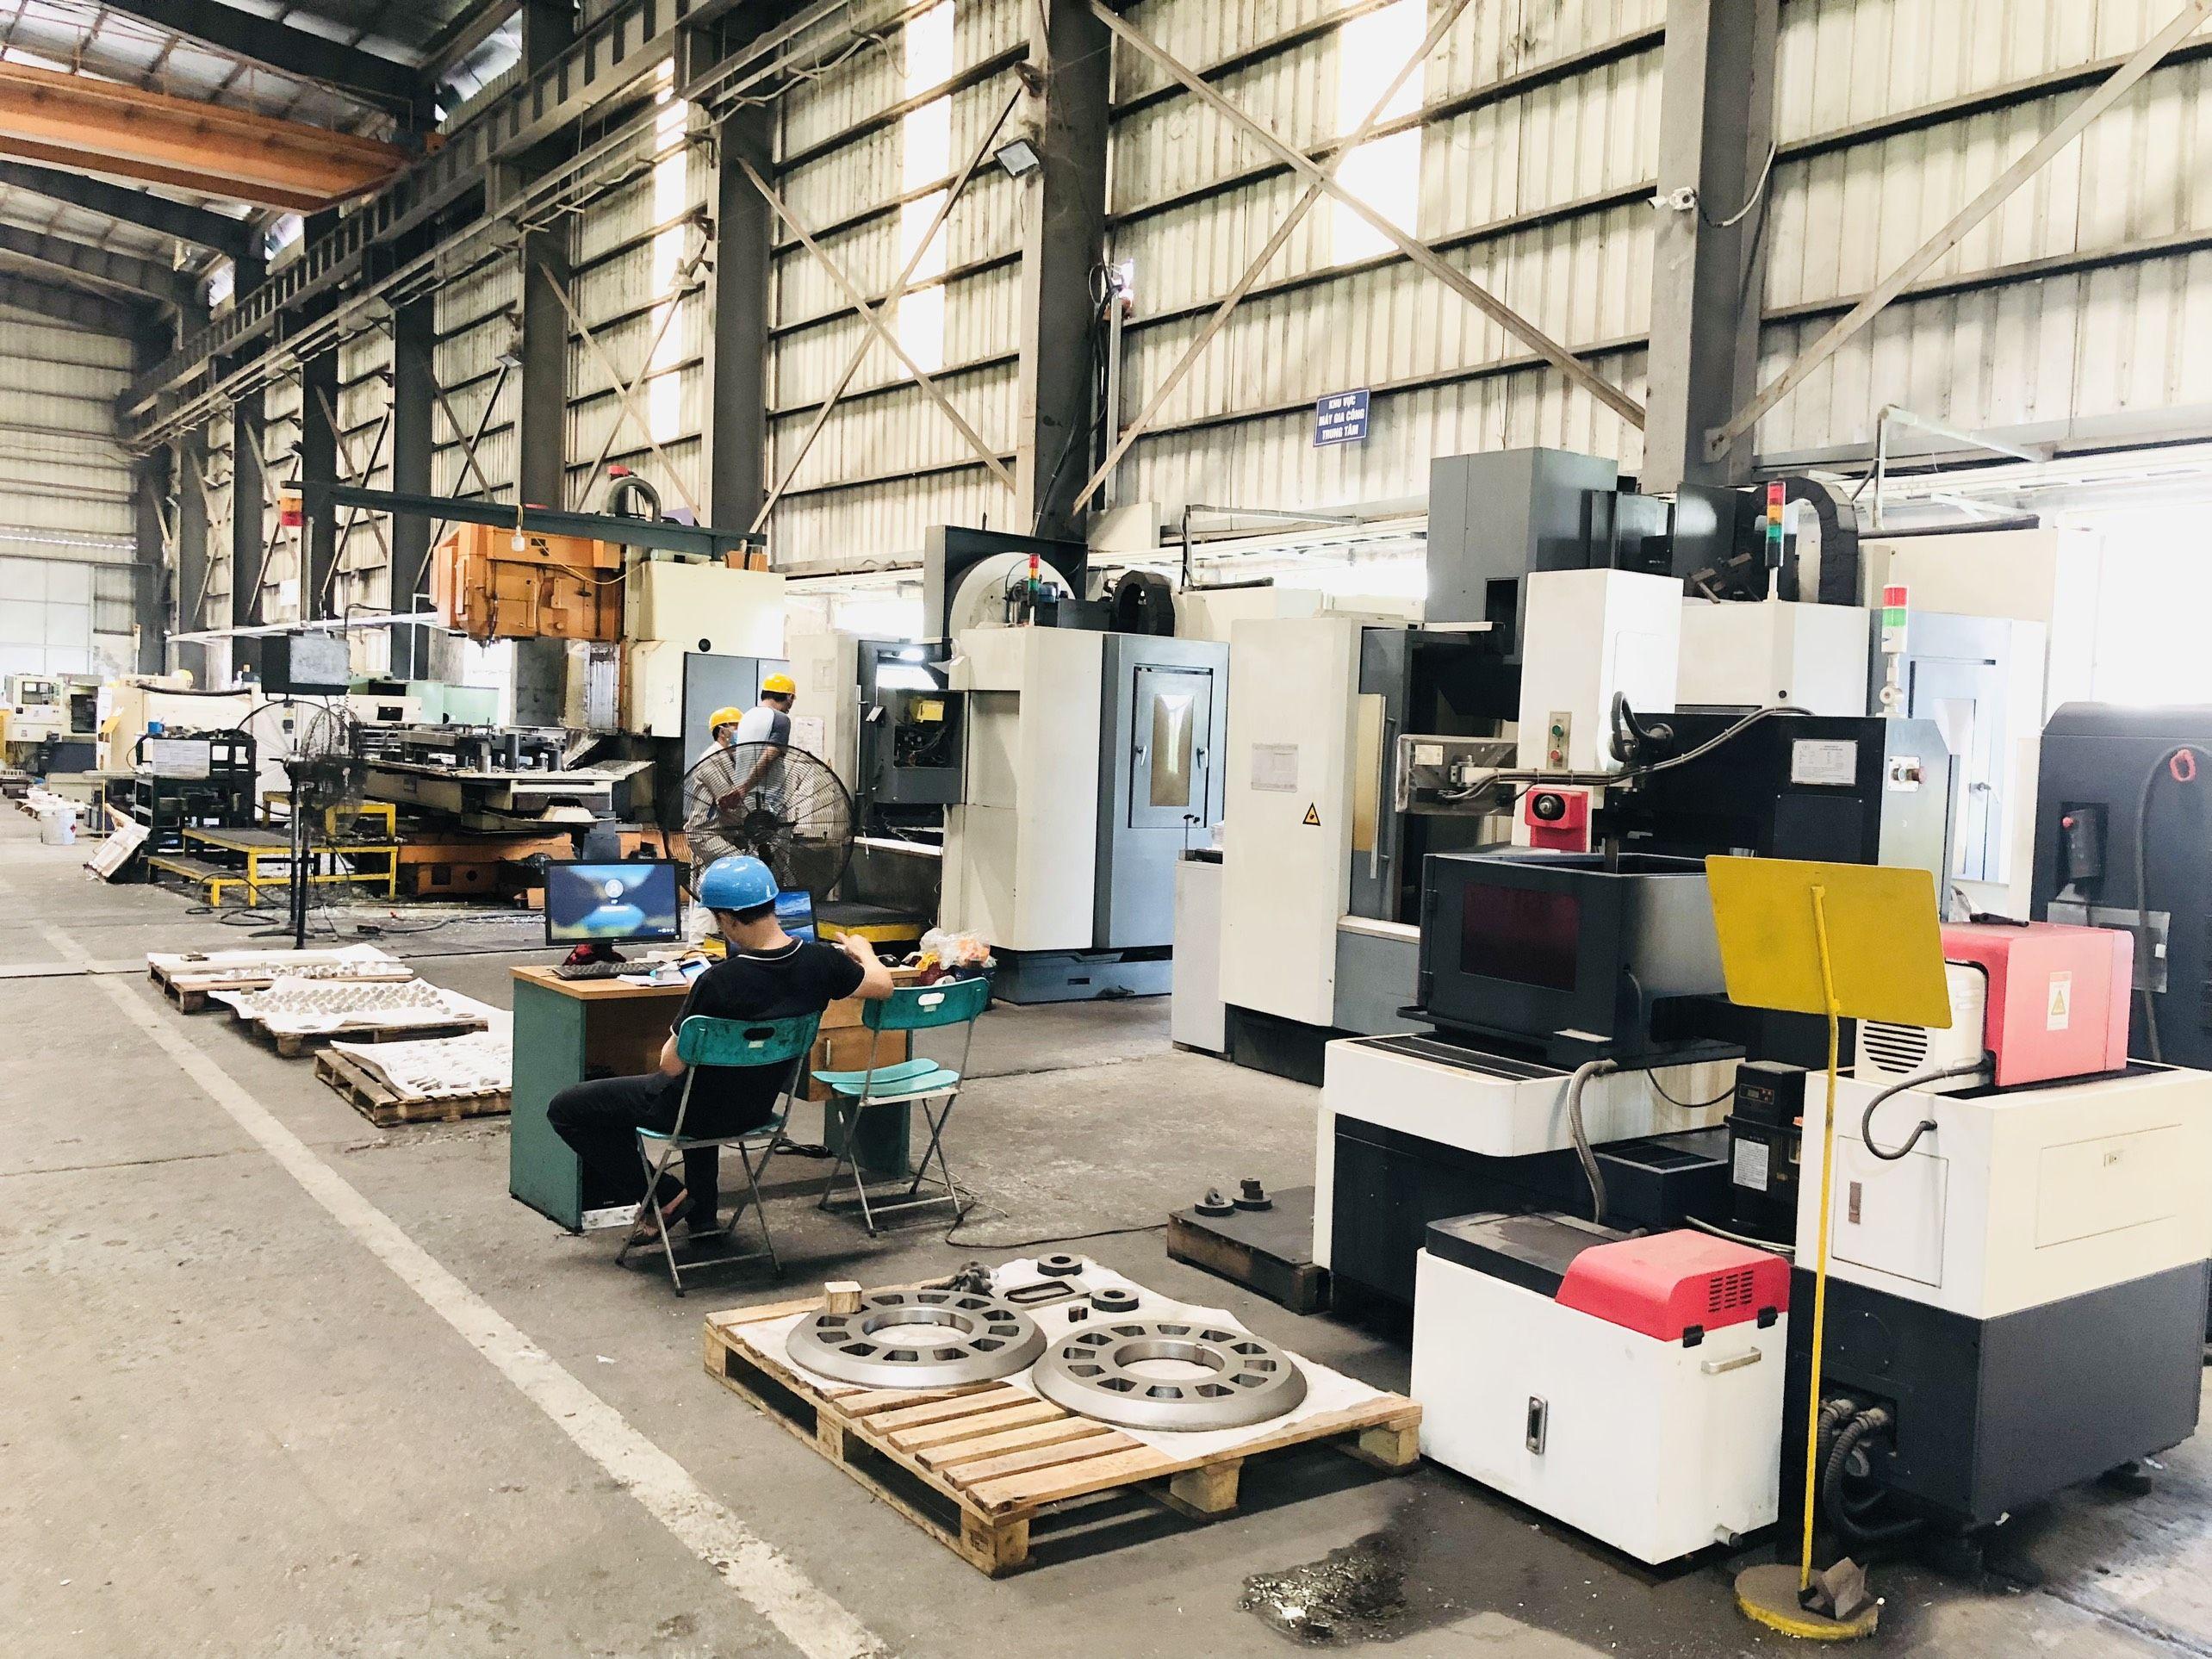 Xưởng sản xuất chế tạo gia công cơ khí